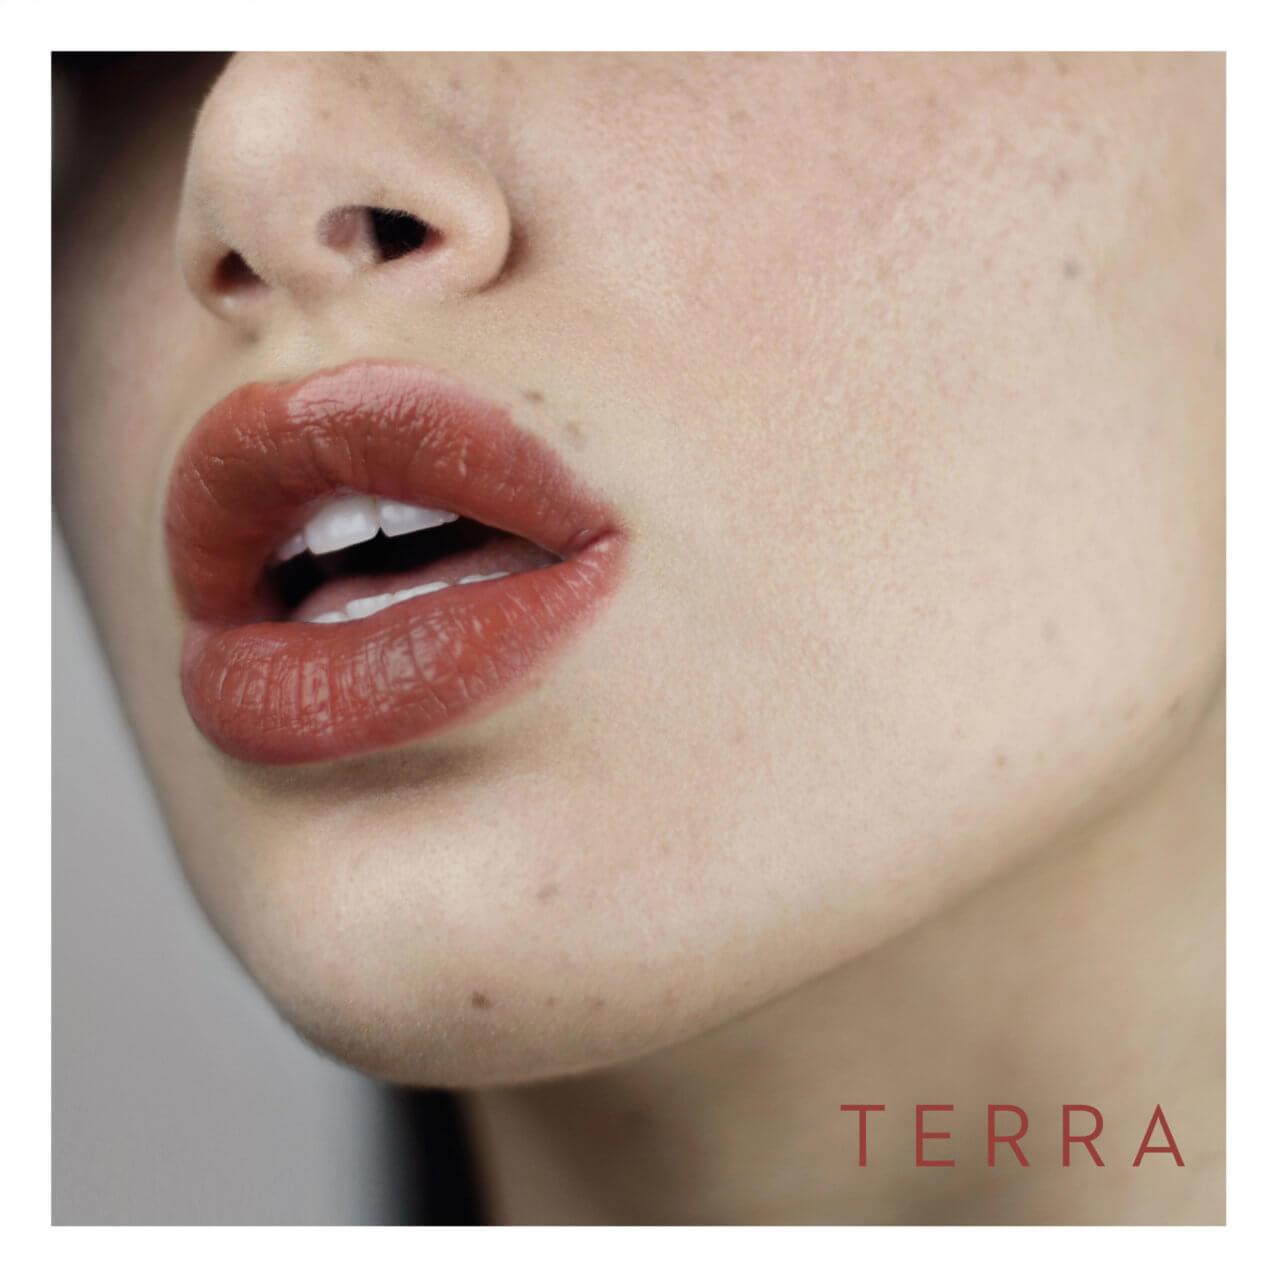 LO Care • Terra - no scent - Tinted Natural Lip Balm